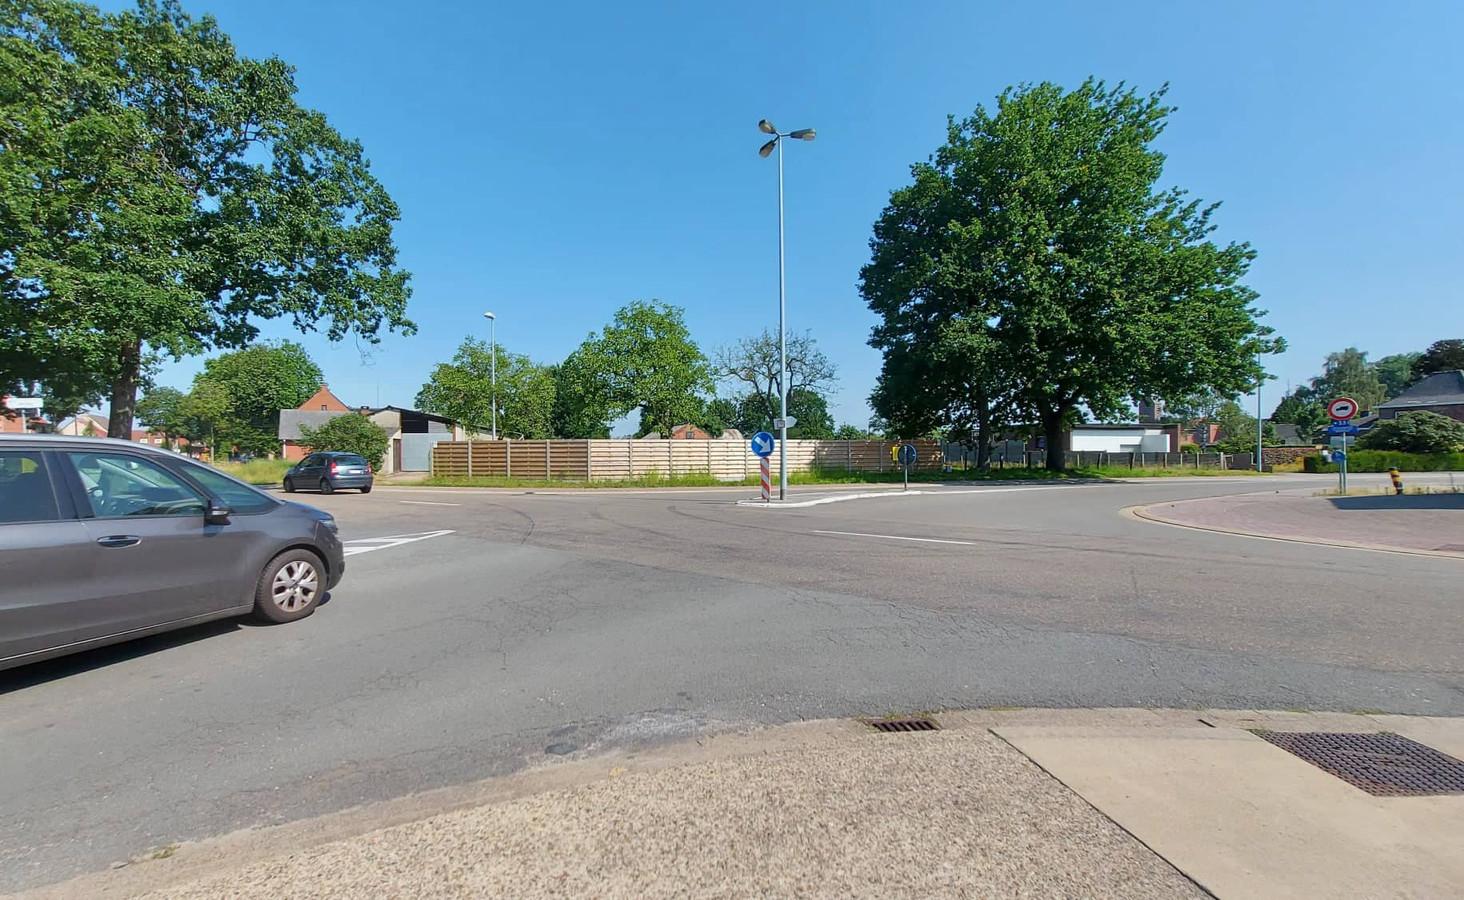 Op het complexe kruispunt van de Sint-Apollonialaan, het Bruggeske en De Rooy zorgen de by-pass en slechte zichtbaarheid voor een onveilige verkeerssituatie.